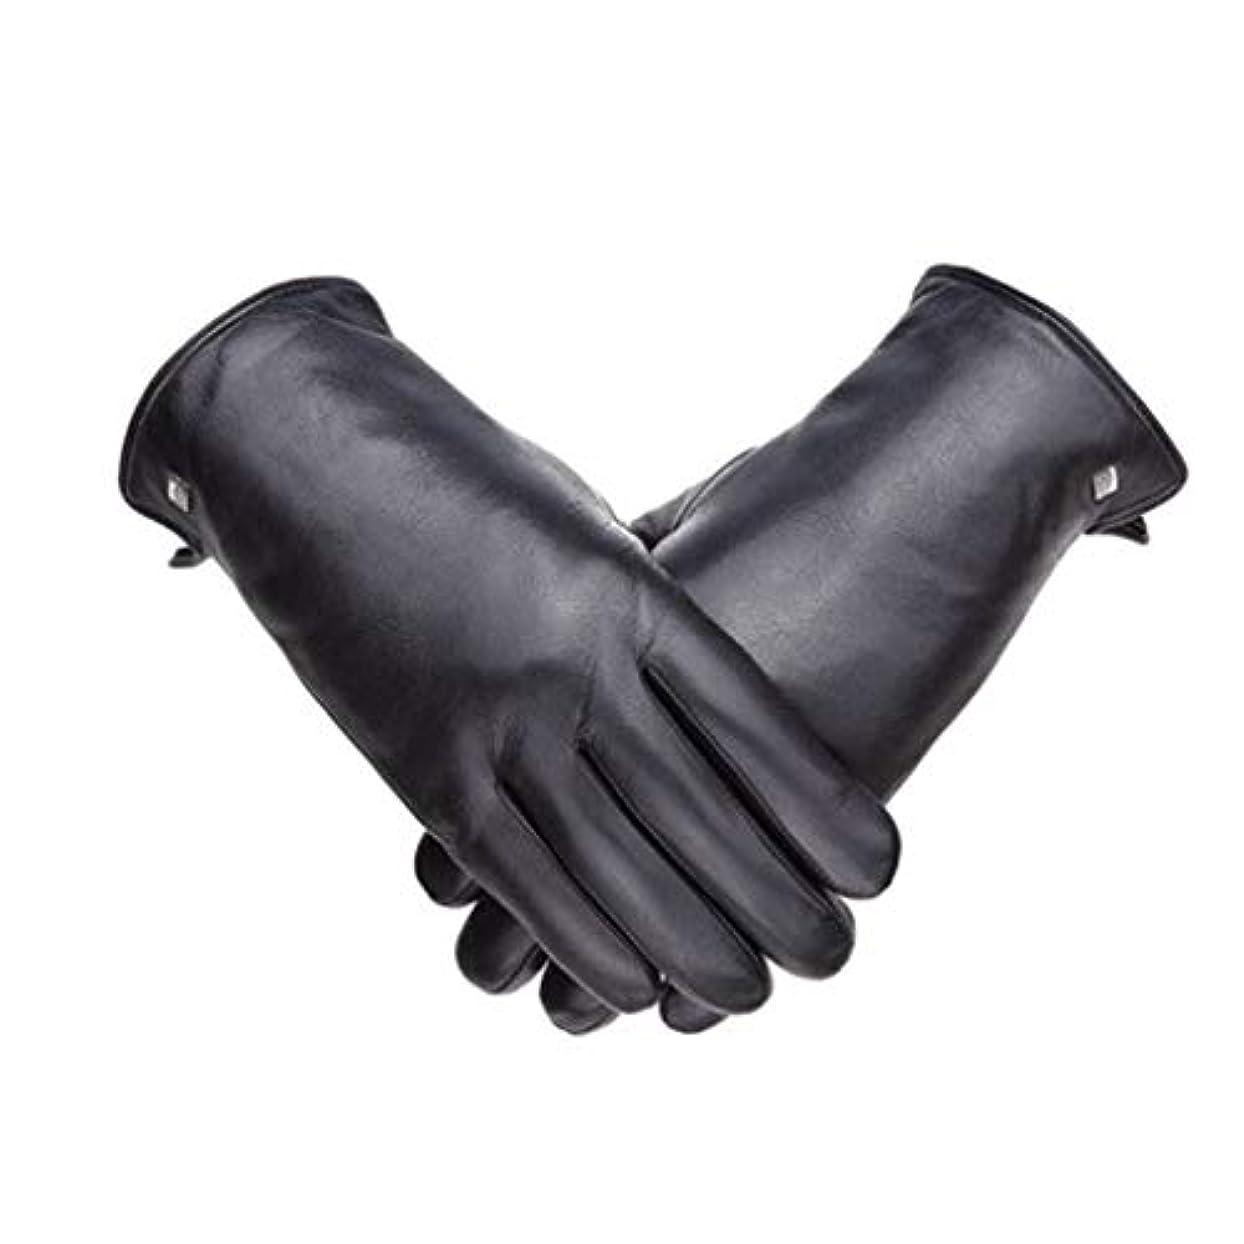 属性技術参照革の肥厚プラスベルベット柔らかなヤギの男性の手袋防風寒い冬暖かい手袋を乗って19841101-01B黒XXL